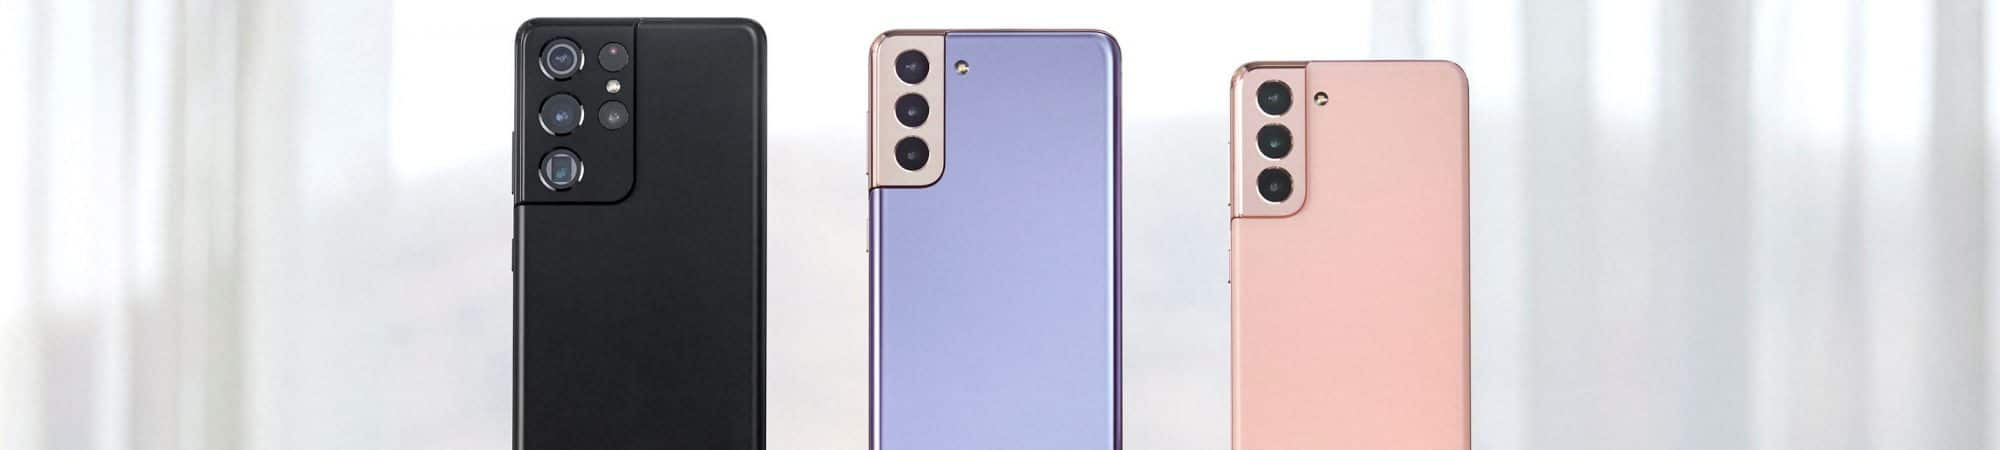 Samsung marca evento de lançamento da linha Galaxy S21 no Brasil